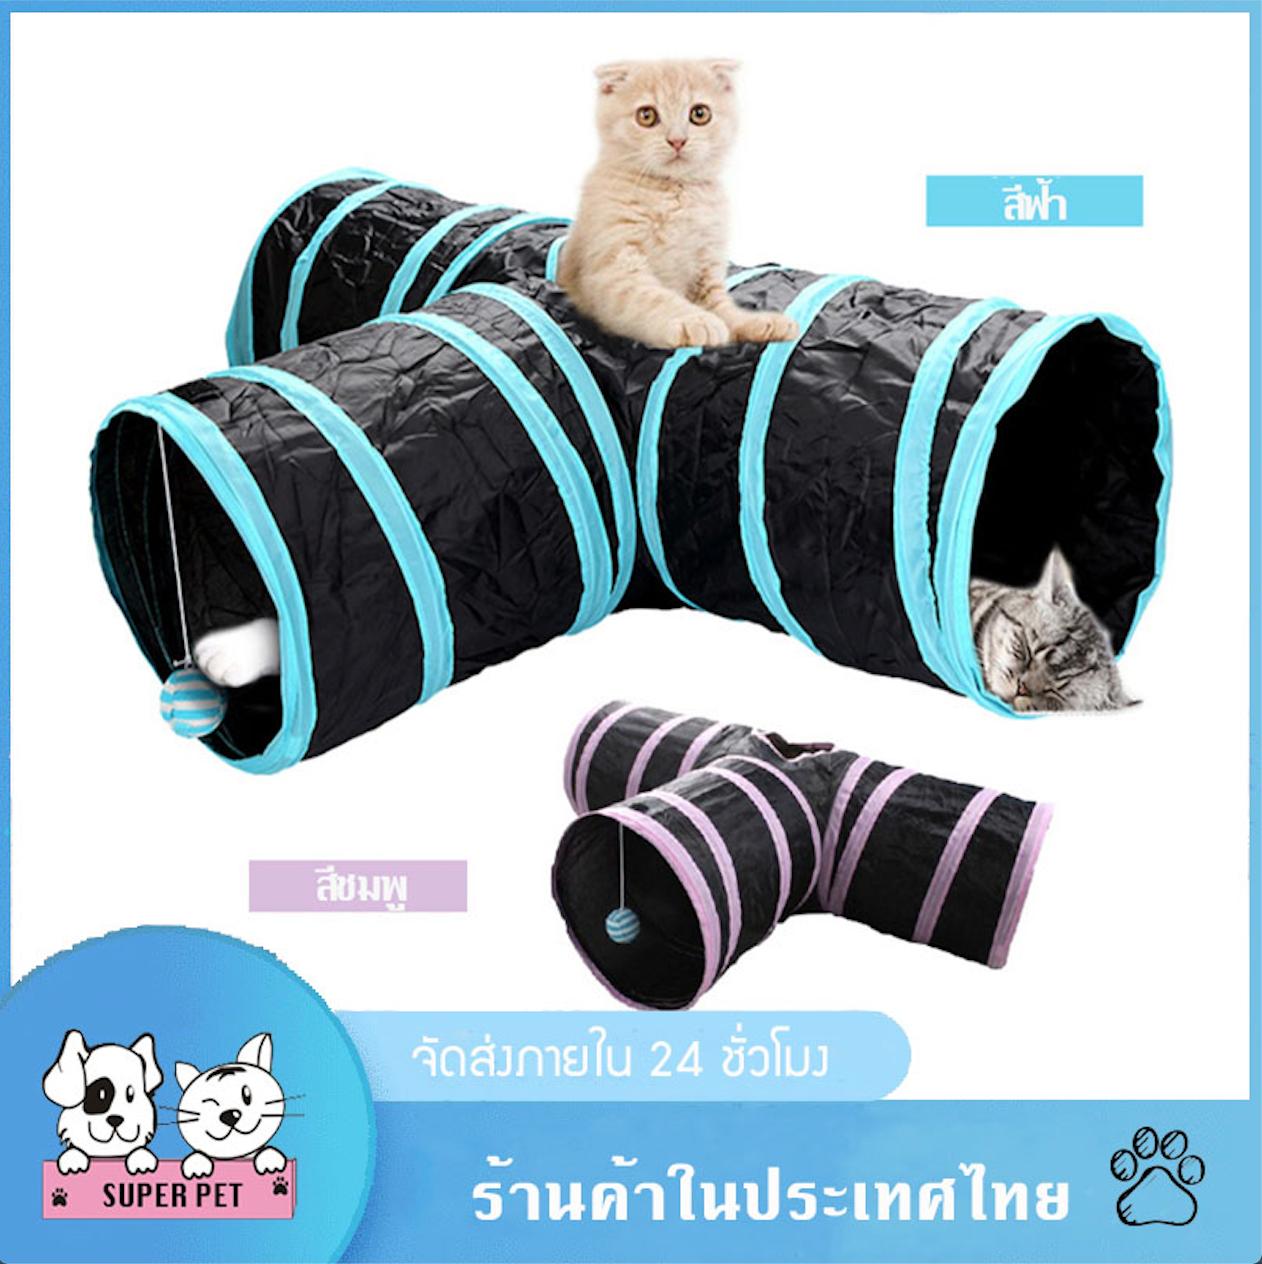 ของเล่นแมว อุโมงค์แมว อุโมงค์ 3 ทาง ของเล่นแบบพับเก็บได้ Cat Toys ของเล่นสำหรับแมว ของเล่นสัตว์เลี้ยง อุโมงค์สัตว์เลี้ยง.